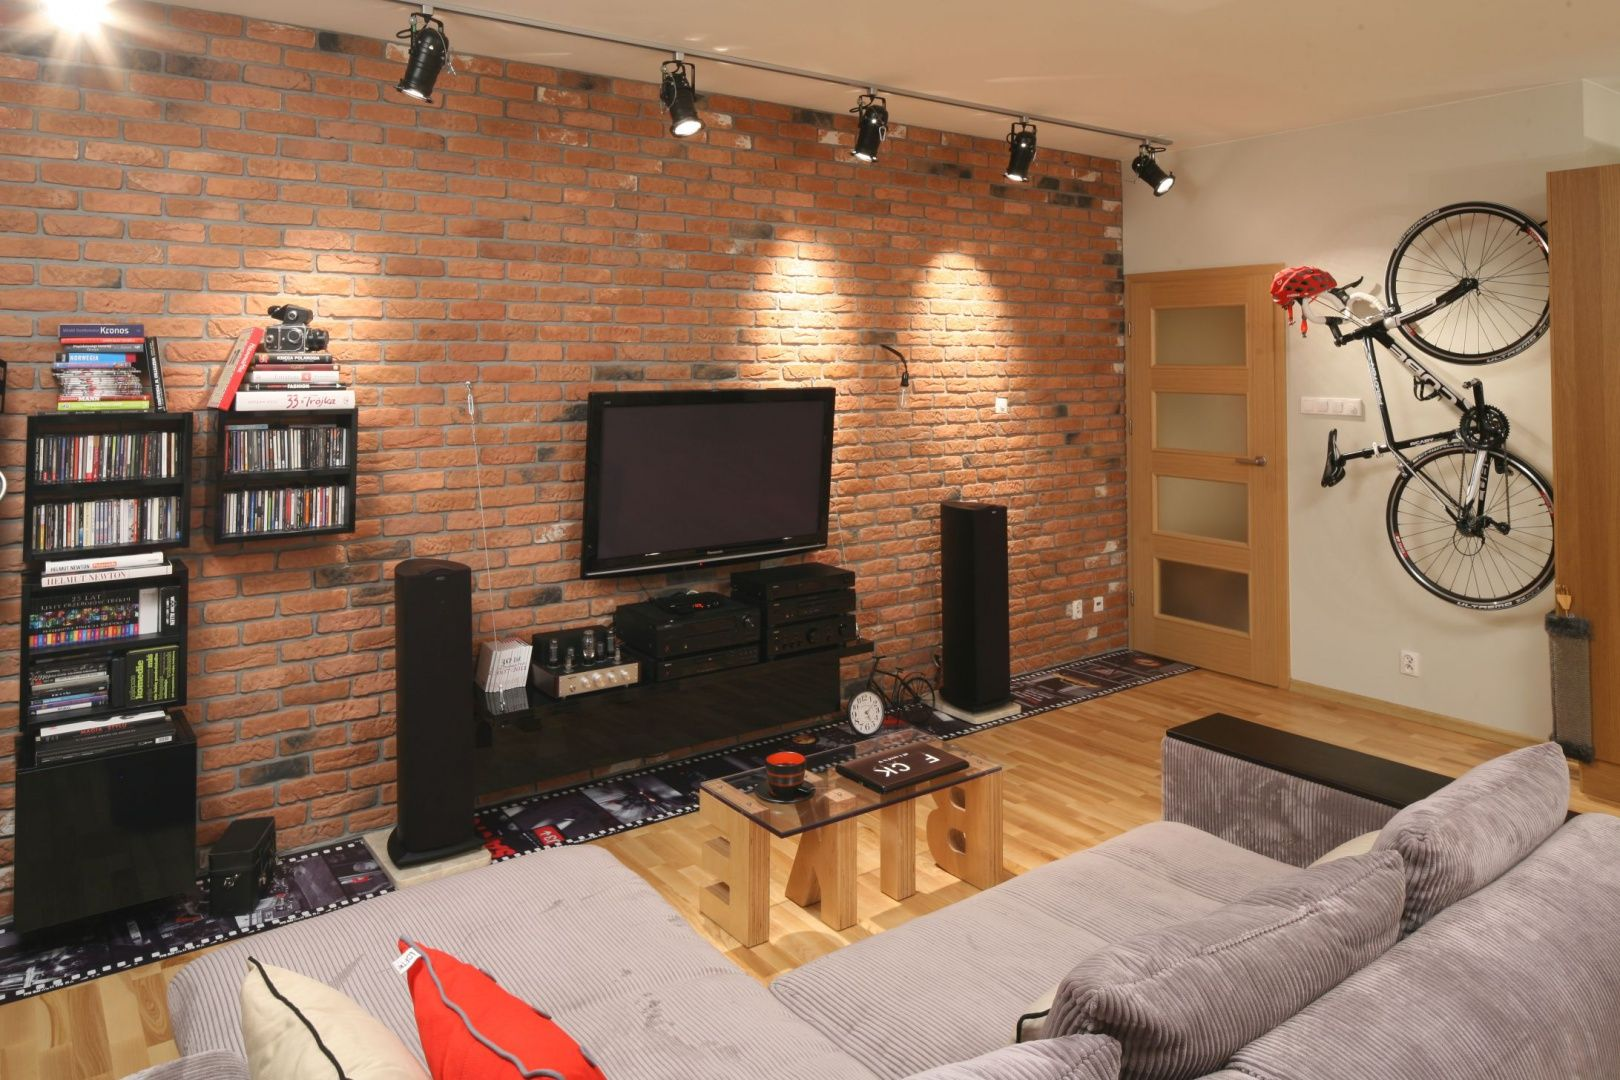 Nieduży Salon Urządzono W Stylu Loft Wyłożoną Cegłą ścianę